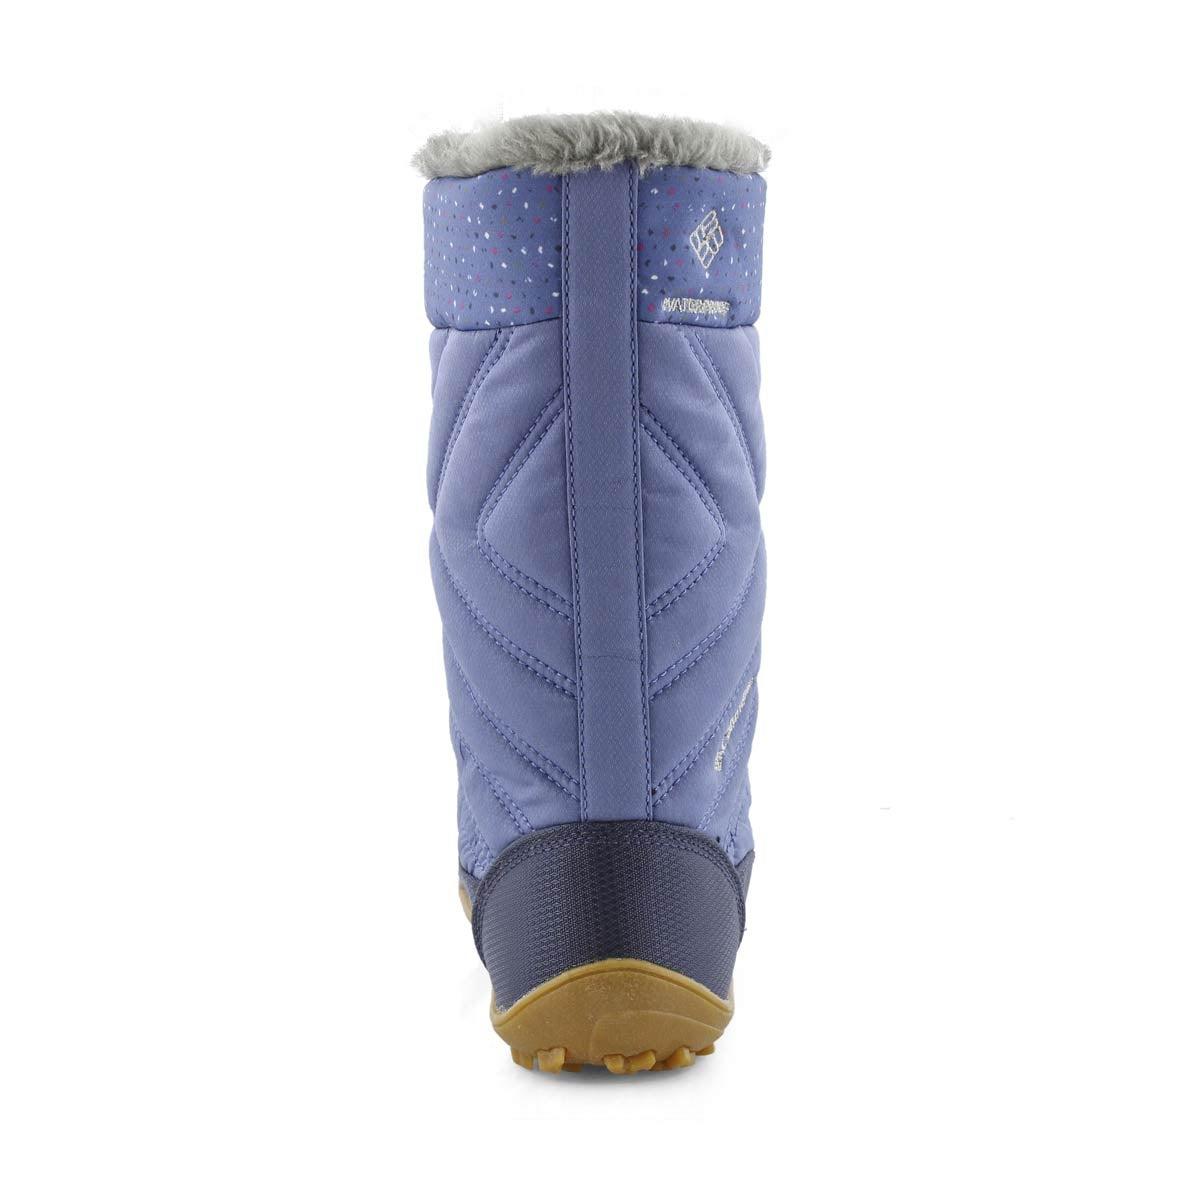 Grls Minx Mid III blu/pnk wtpf snow boot